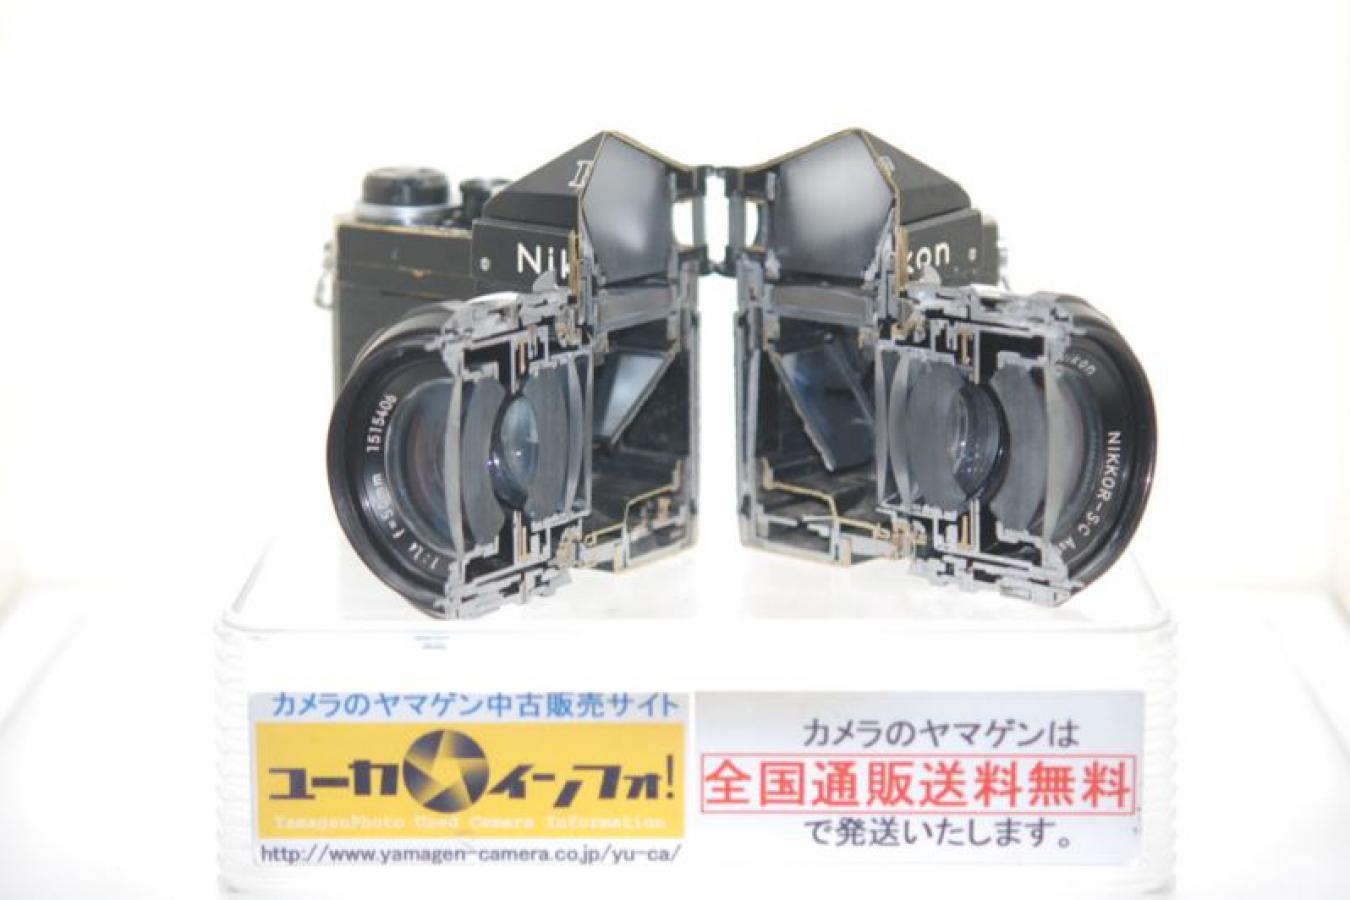 【コレクション向け 珍品】 ニコン NEW Fアイレベルブラック 730万台 NIKKOR-S・C Auto 50/1.4付 【カットモデル】